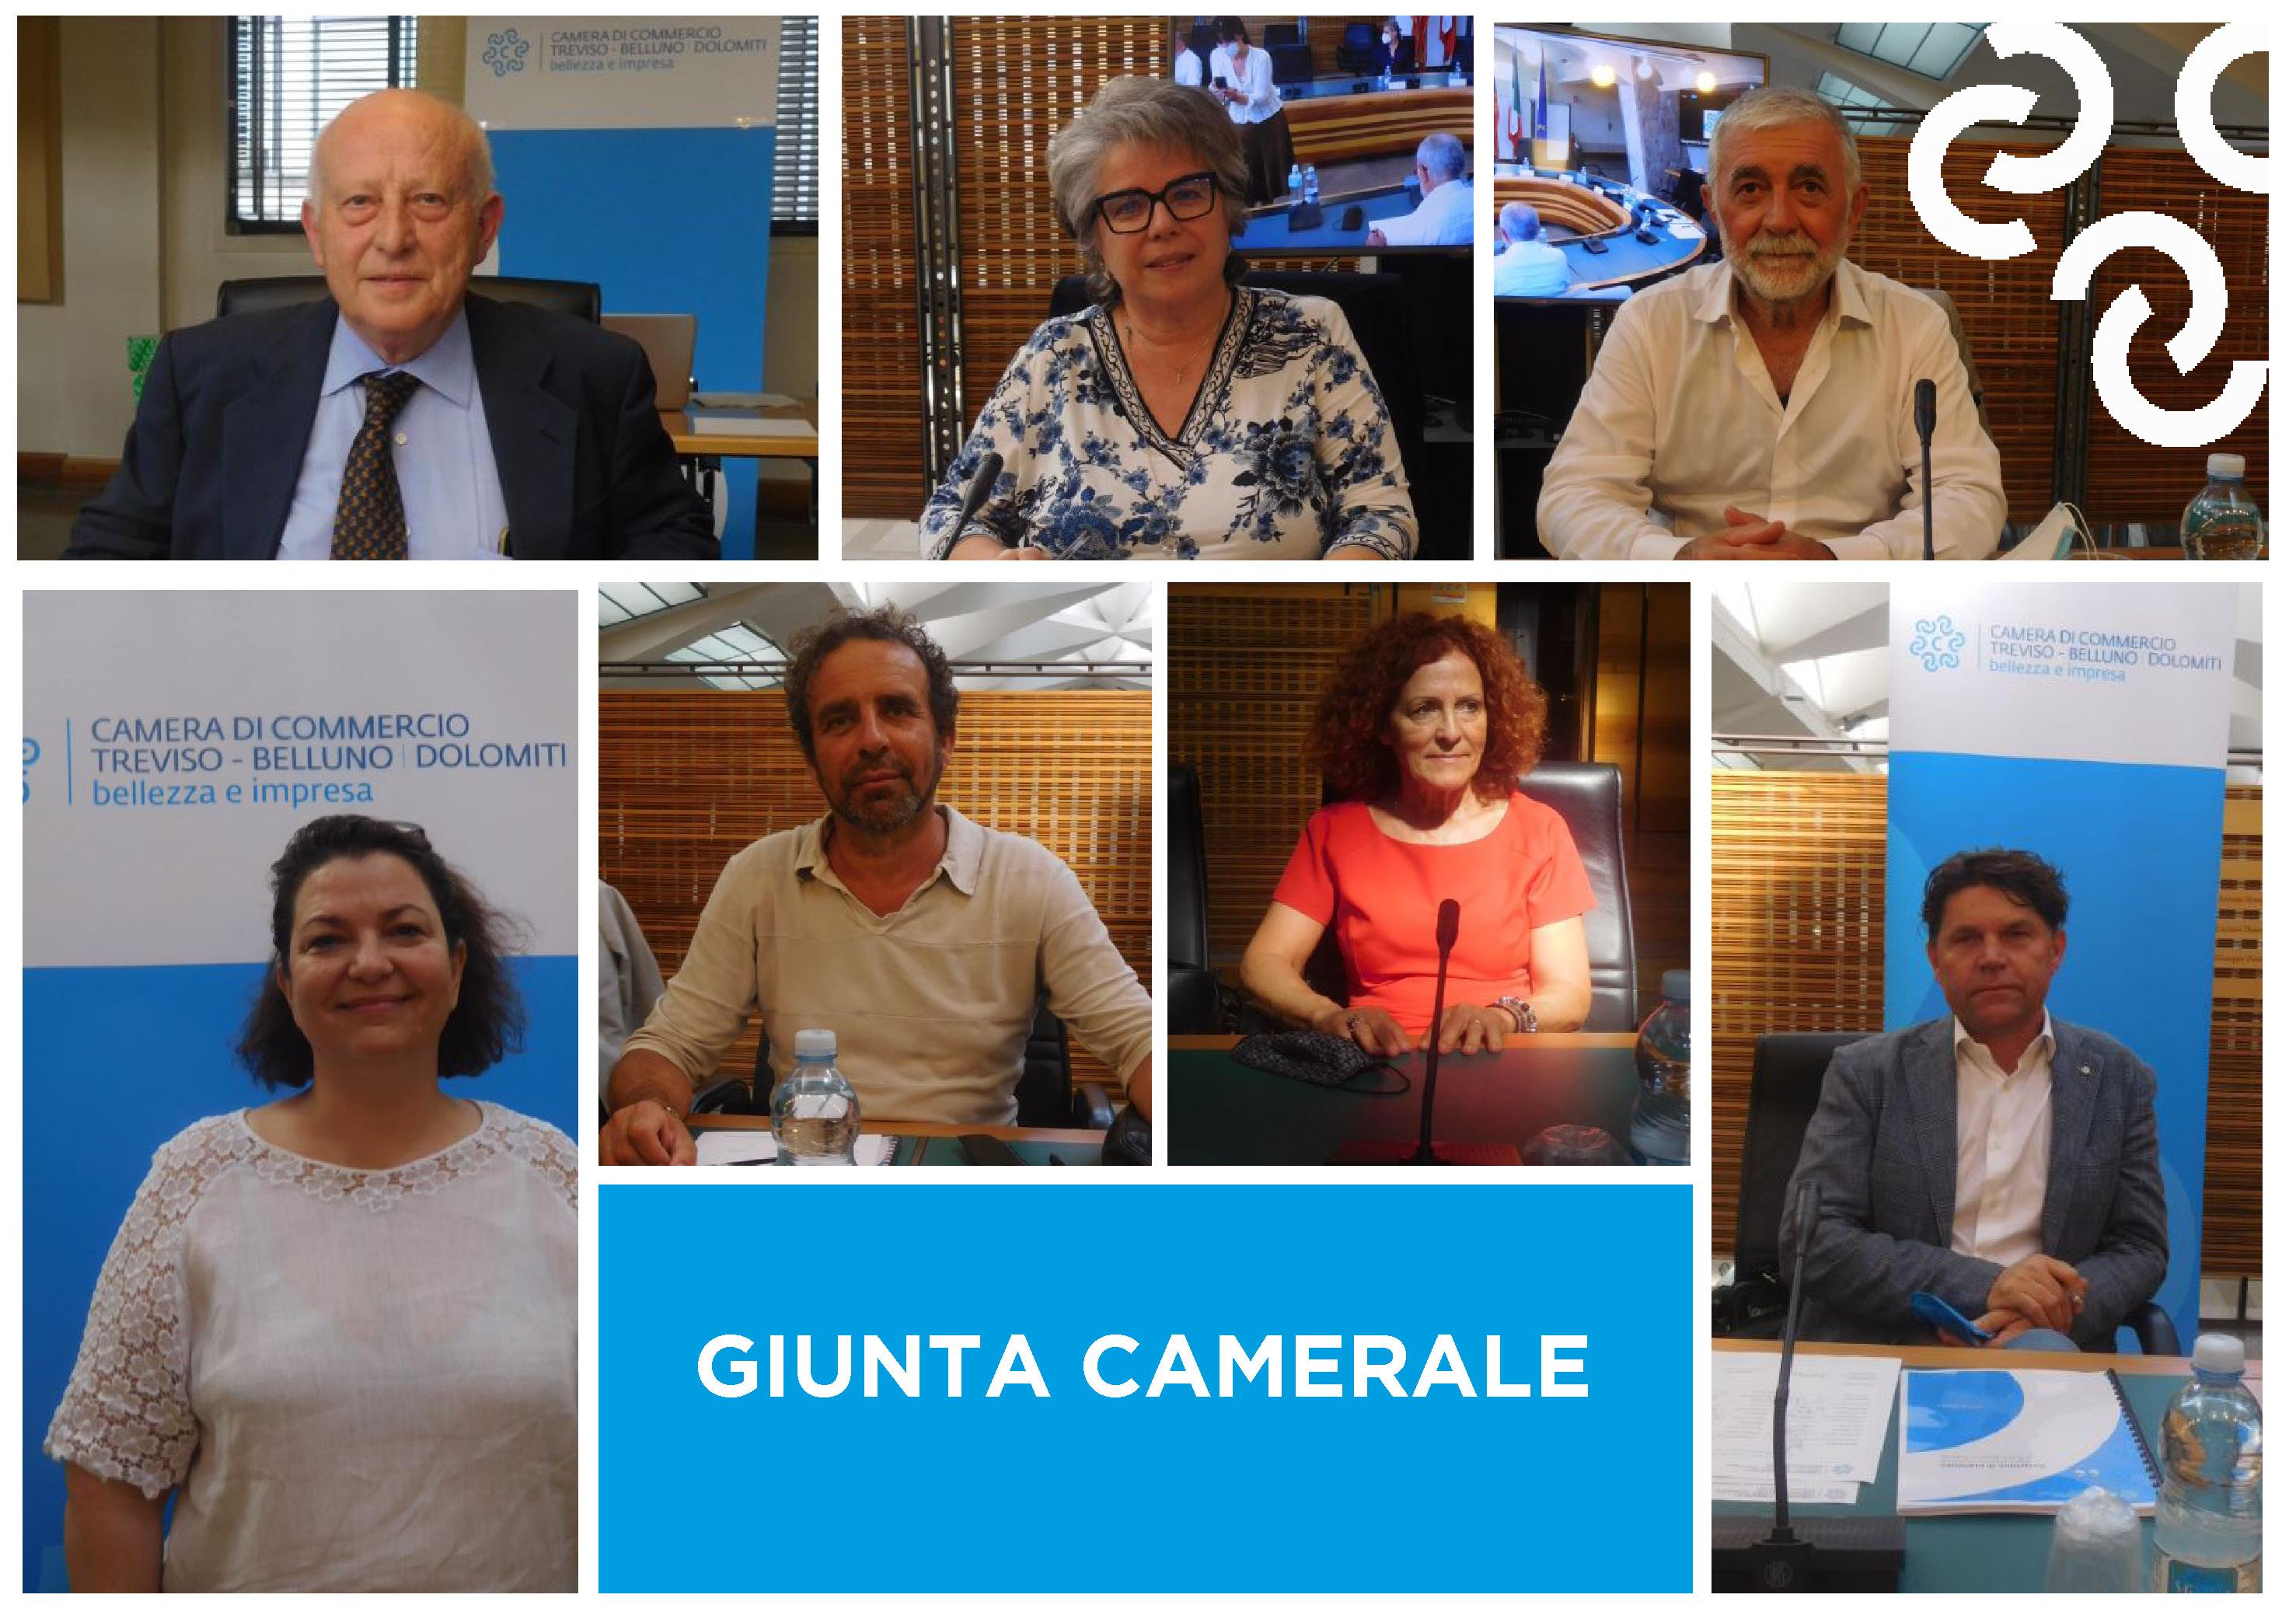 7 luglio 2021 | Ecco i nomi dei componenti della Giunta (per acclamazione) della Camera di Commercio di Treviso - Belluno